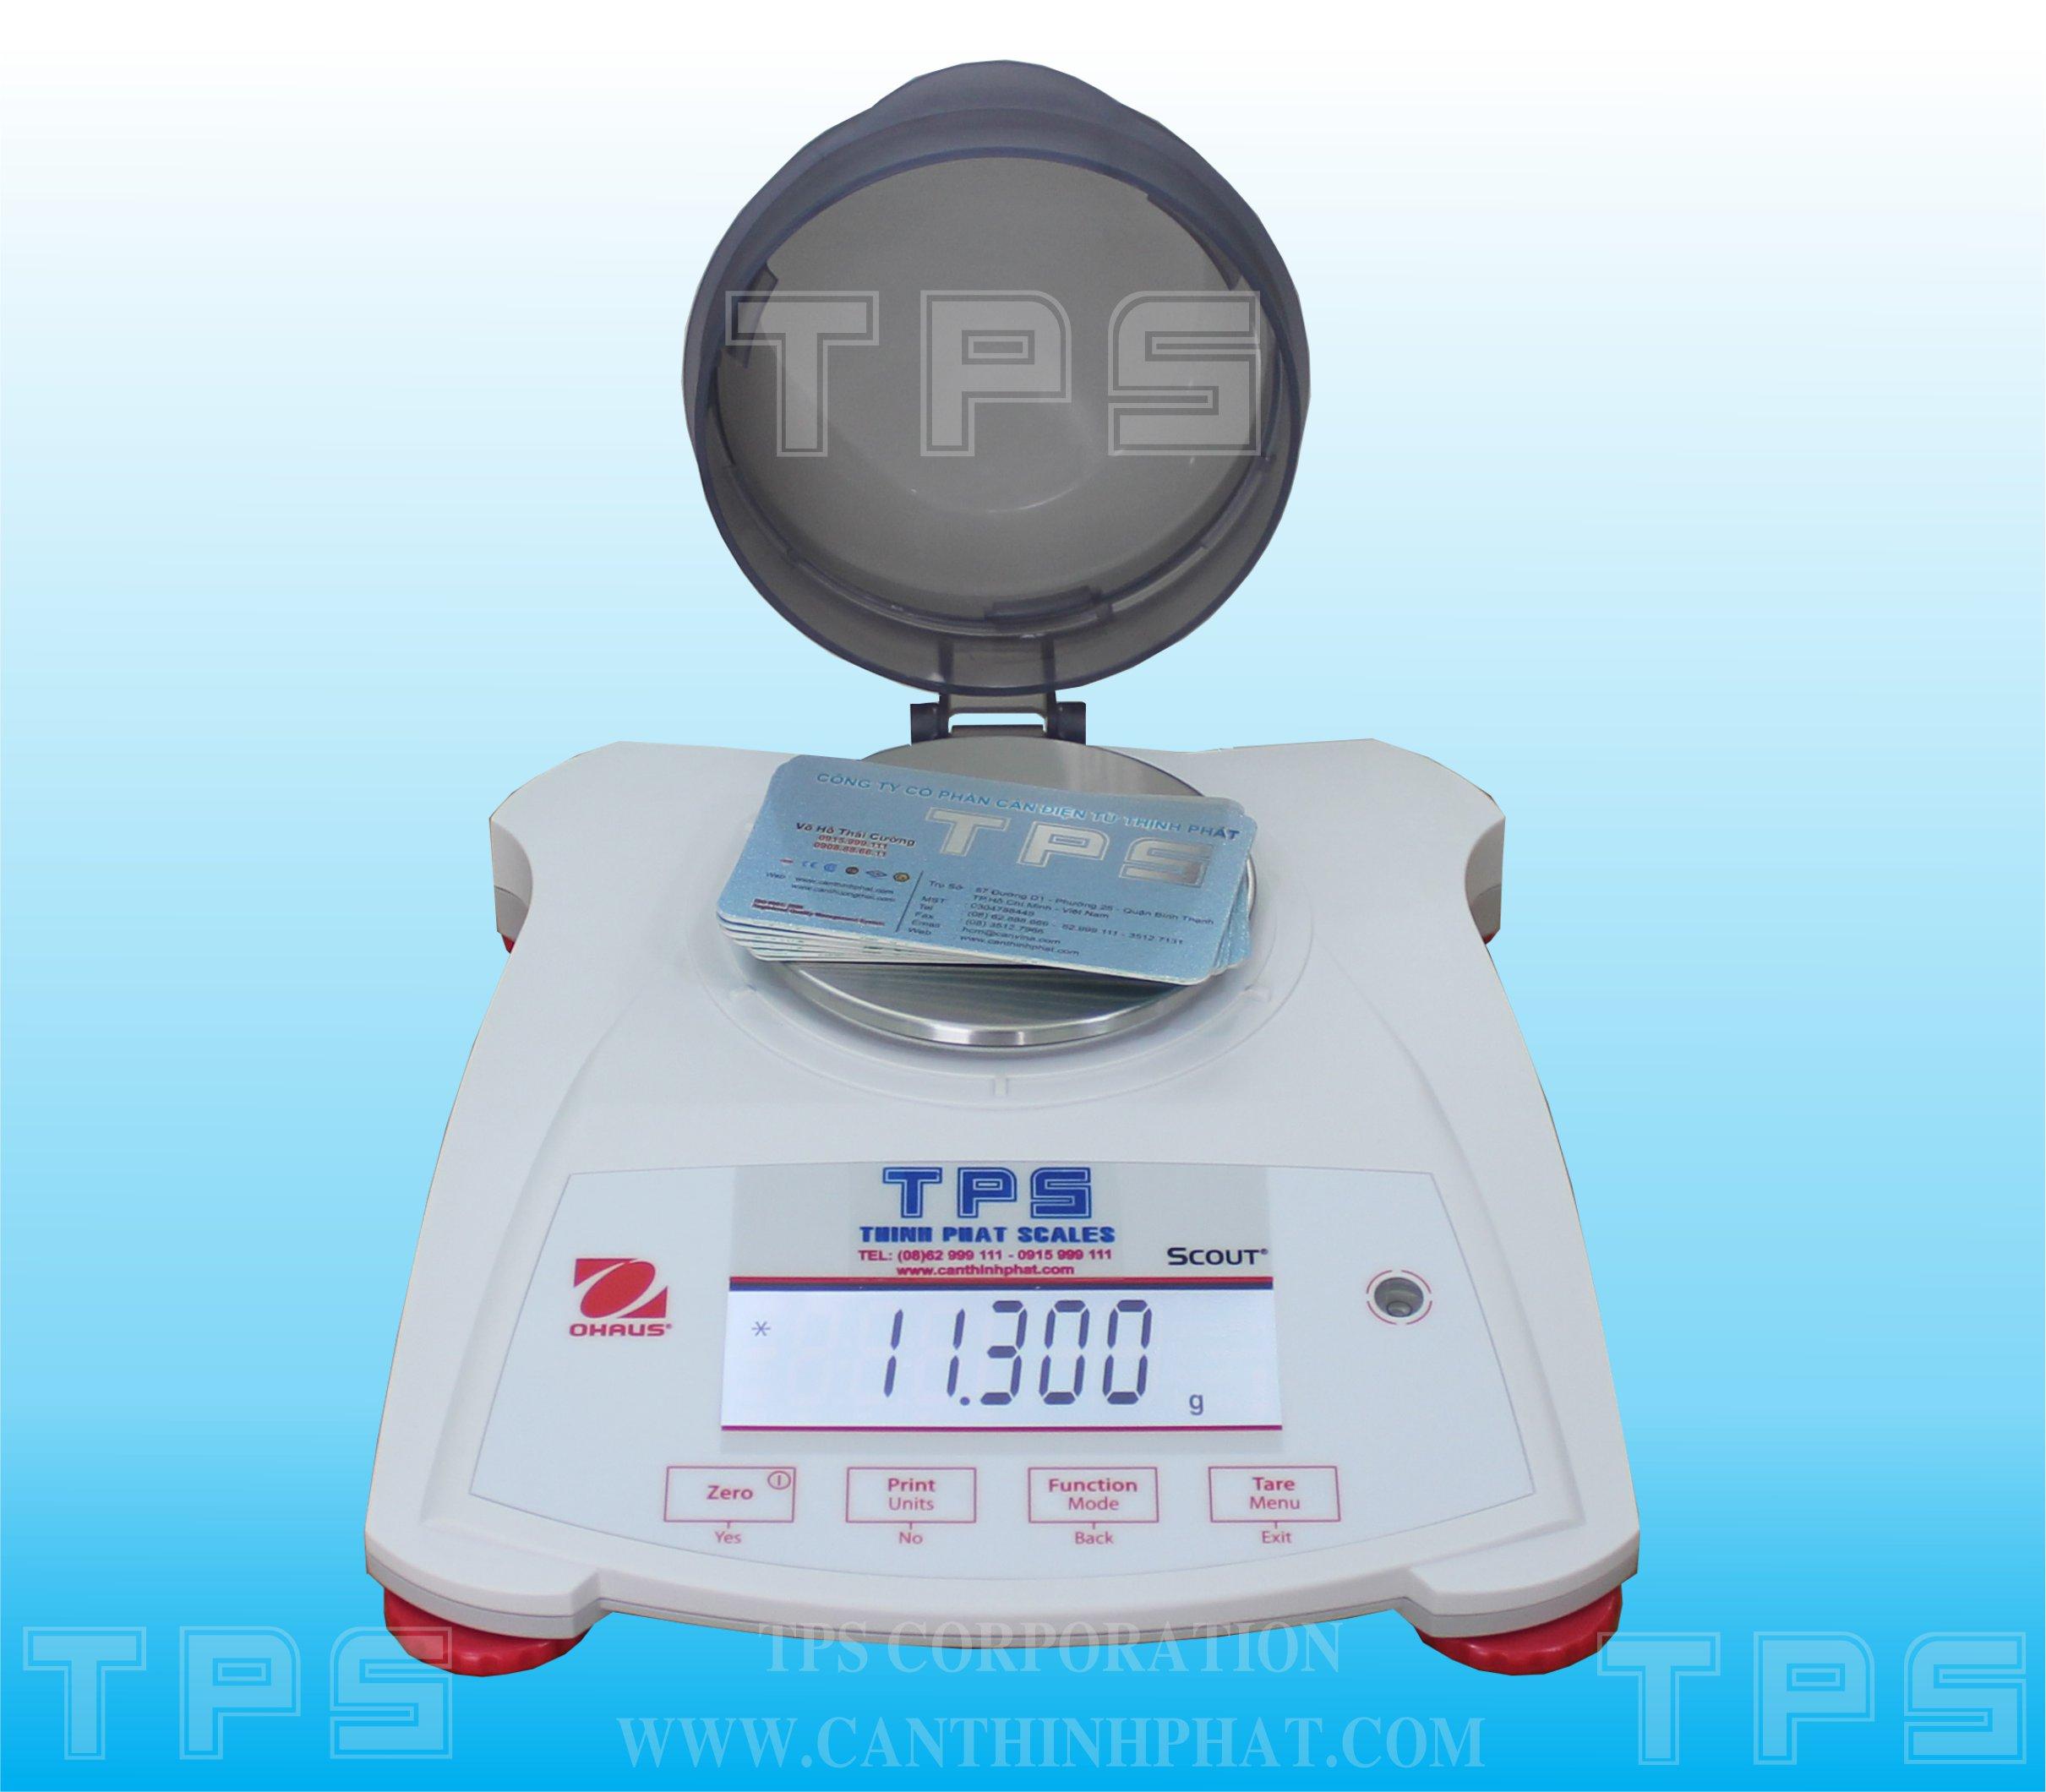 SPX223-220G/0.001G - 771